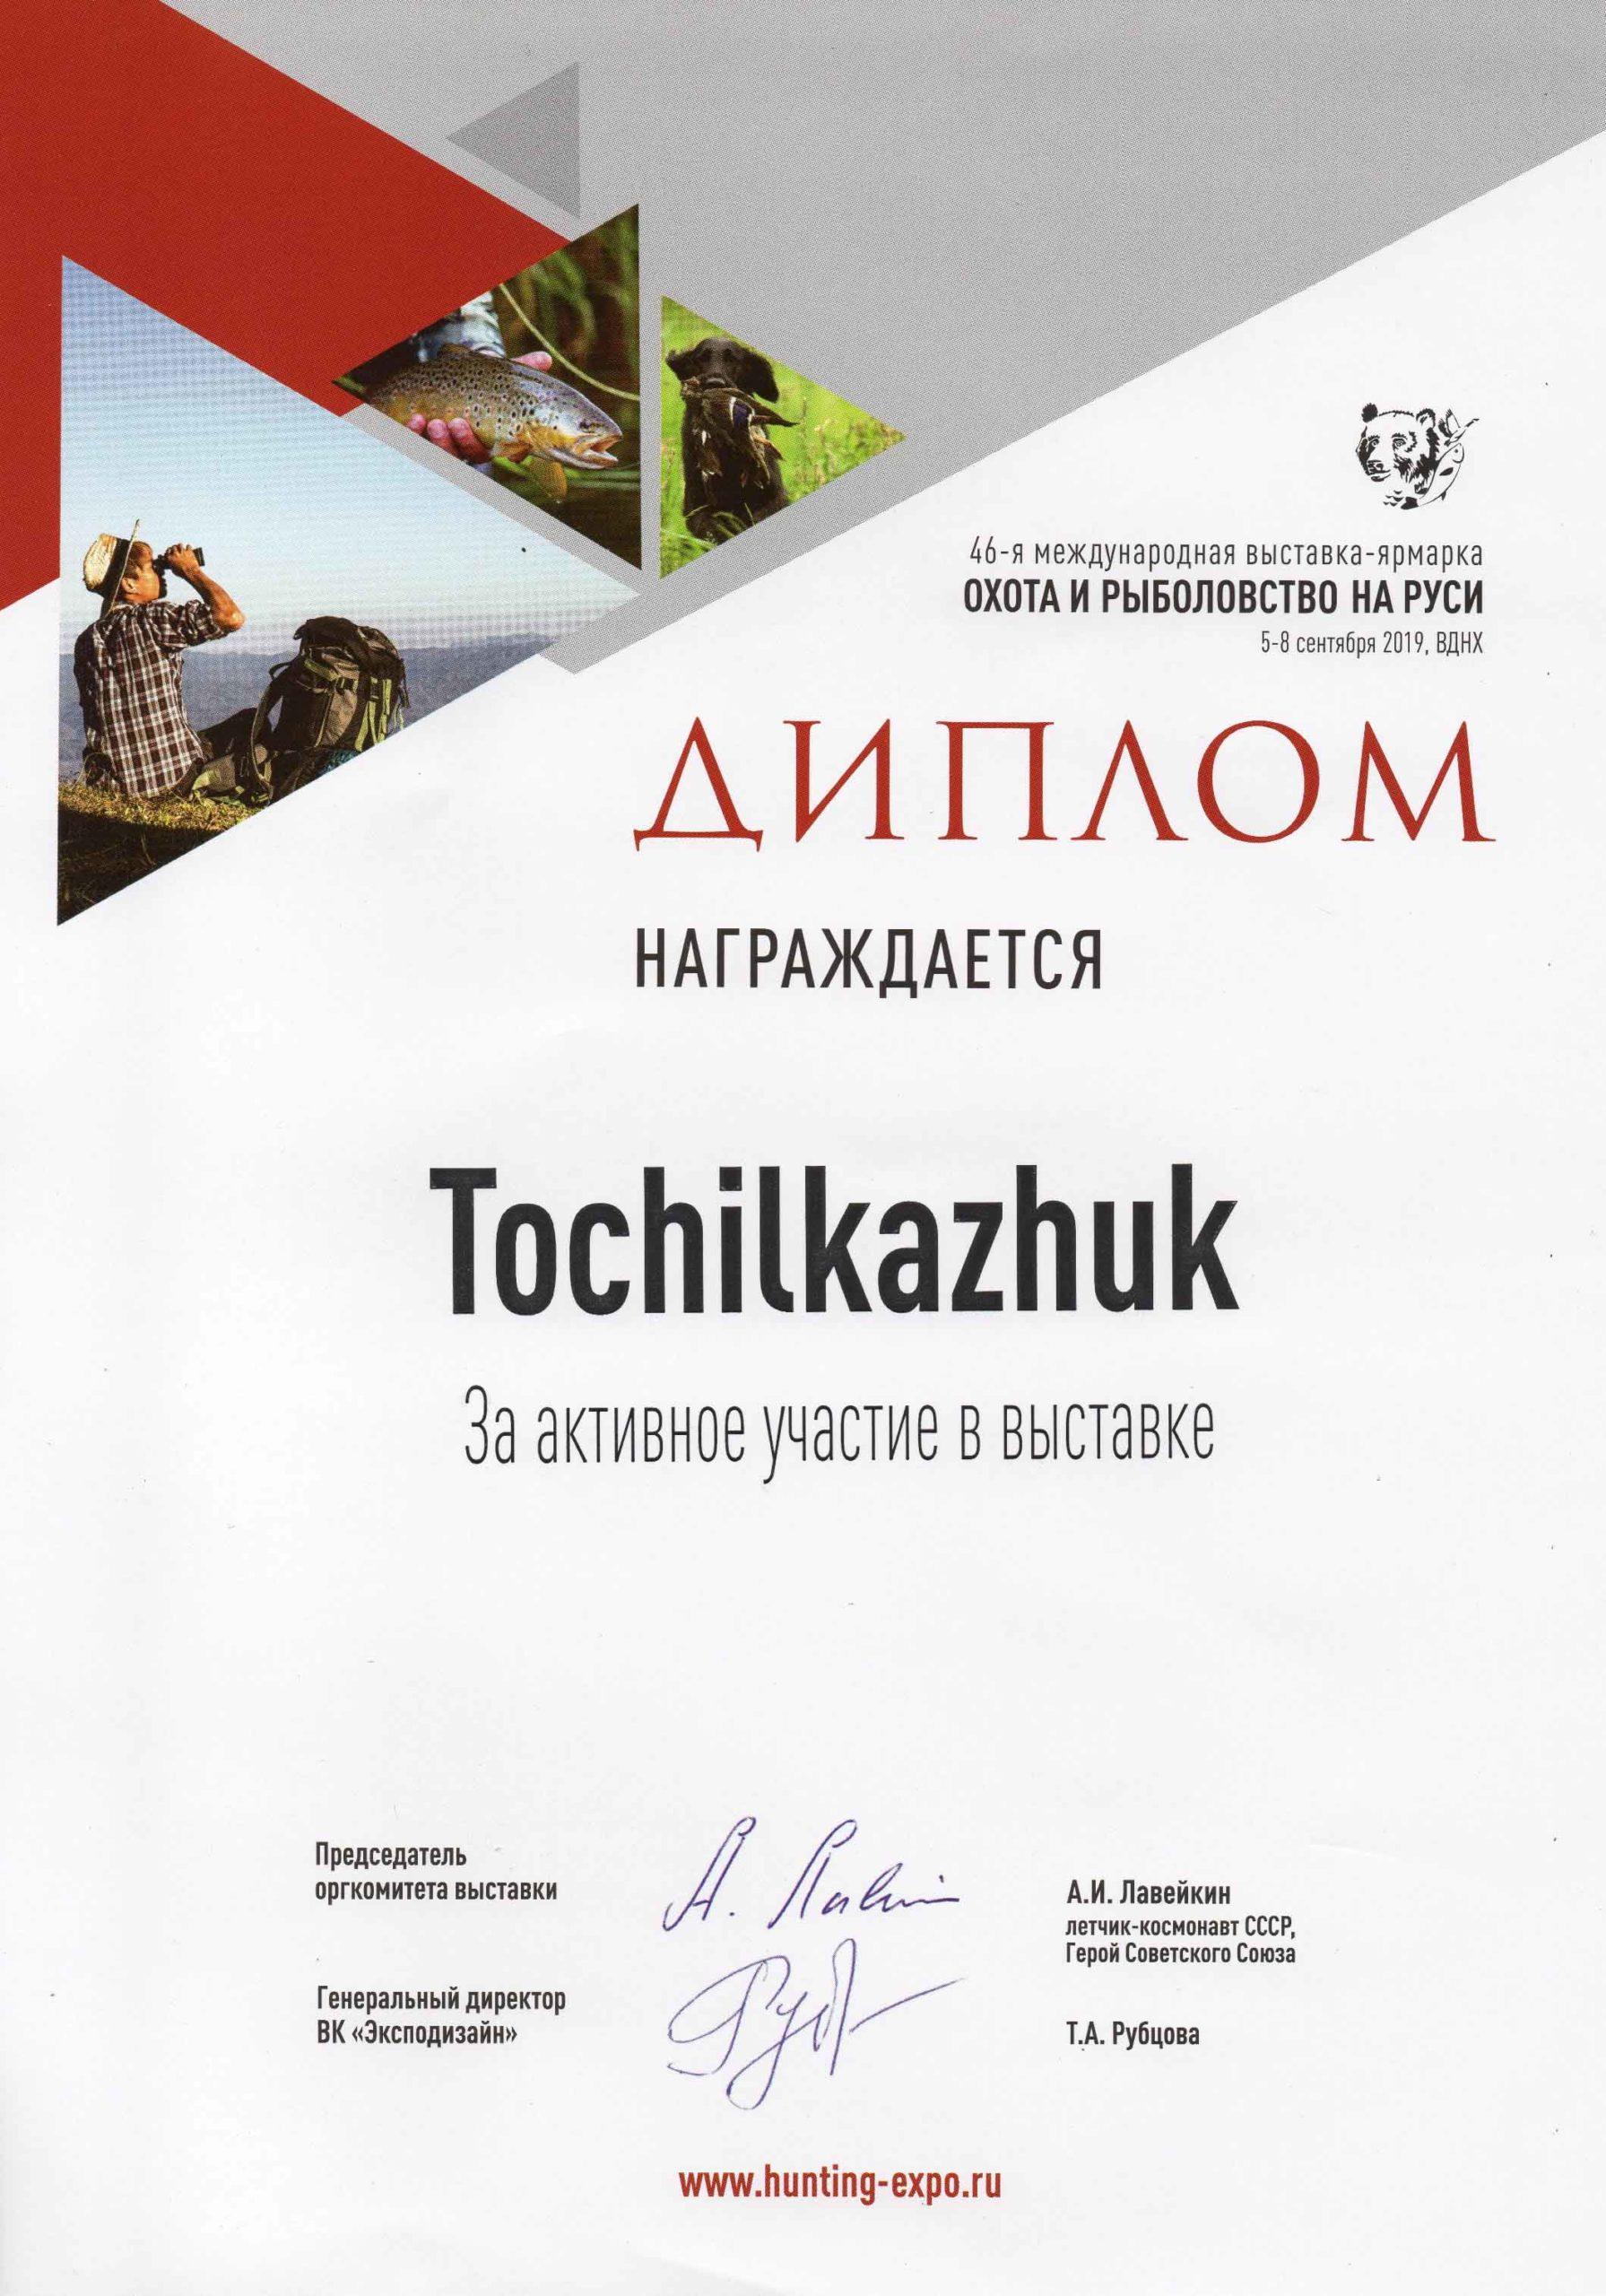 diplom ohota i rybolovstvo na rusi sentyabr 2019 tochilka zhuk